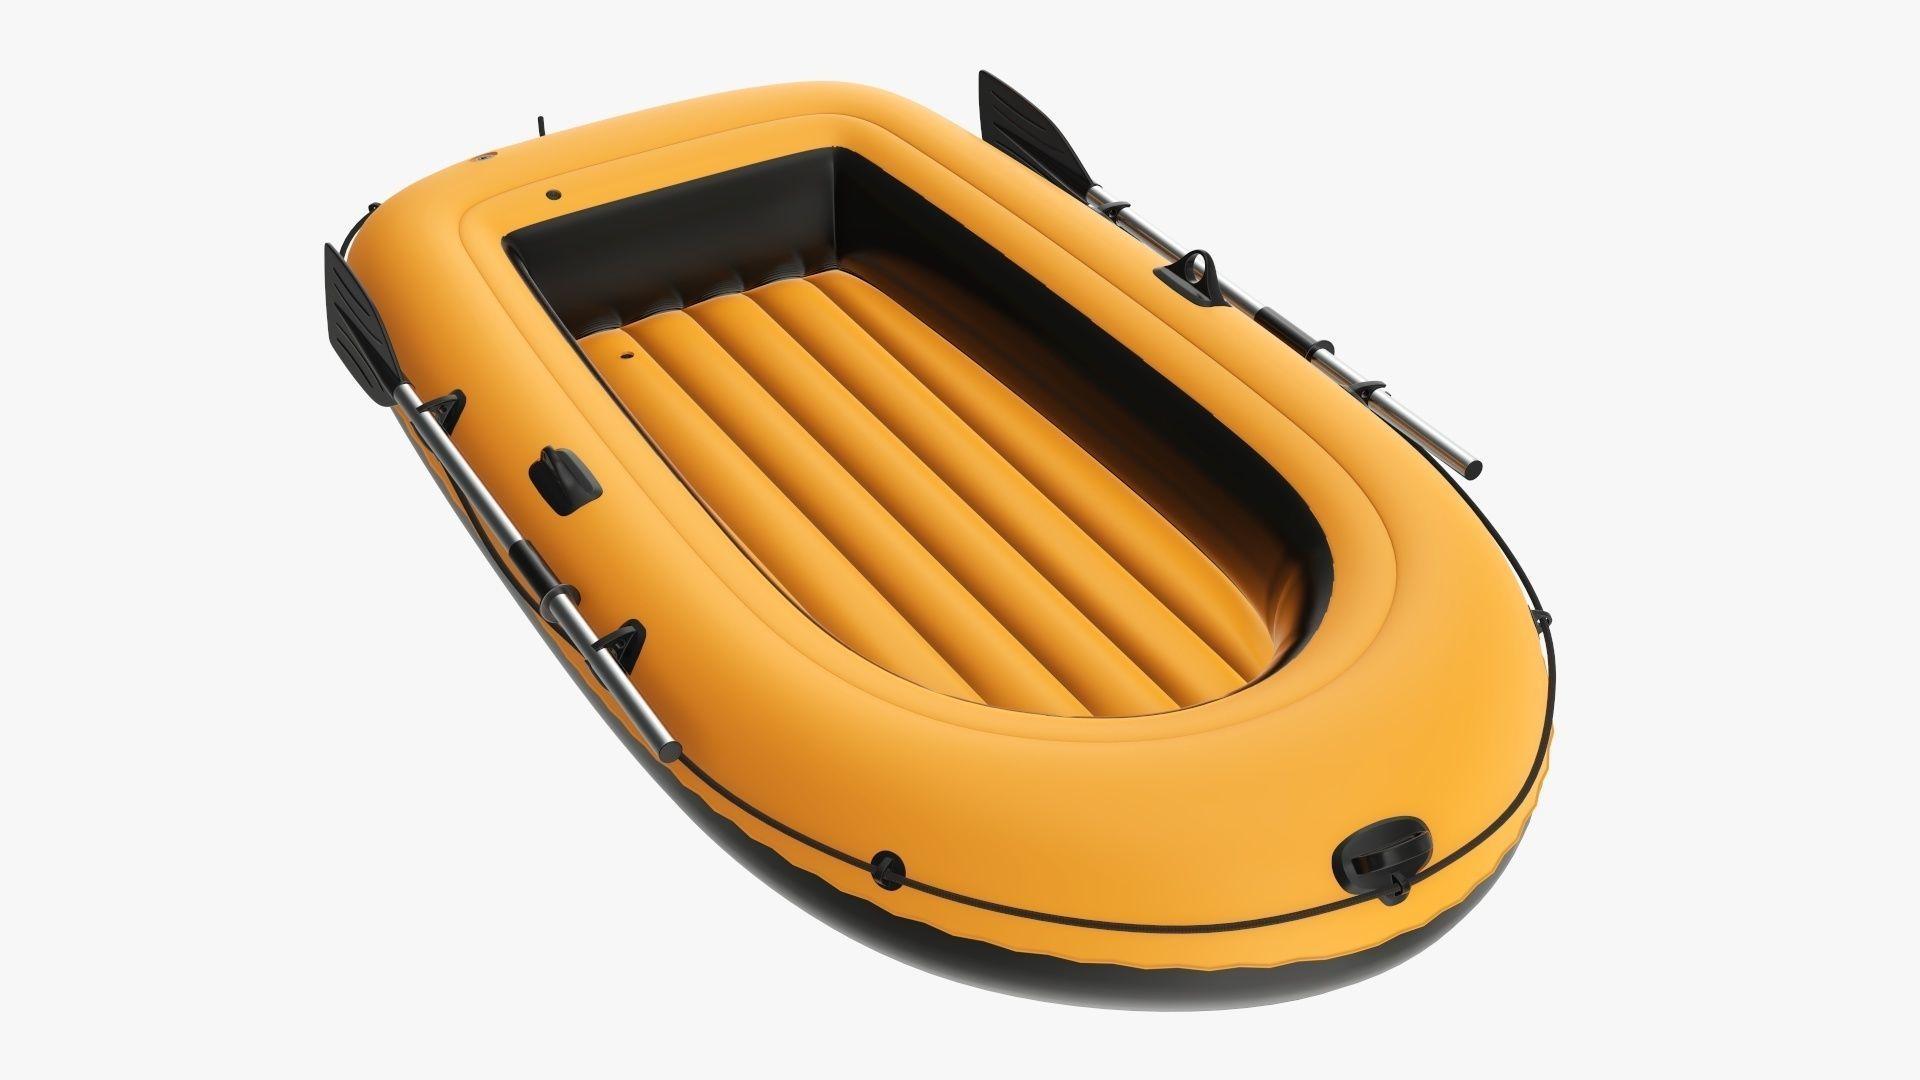 Boat inflatable 04 v2